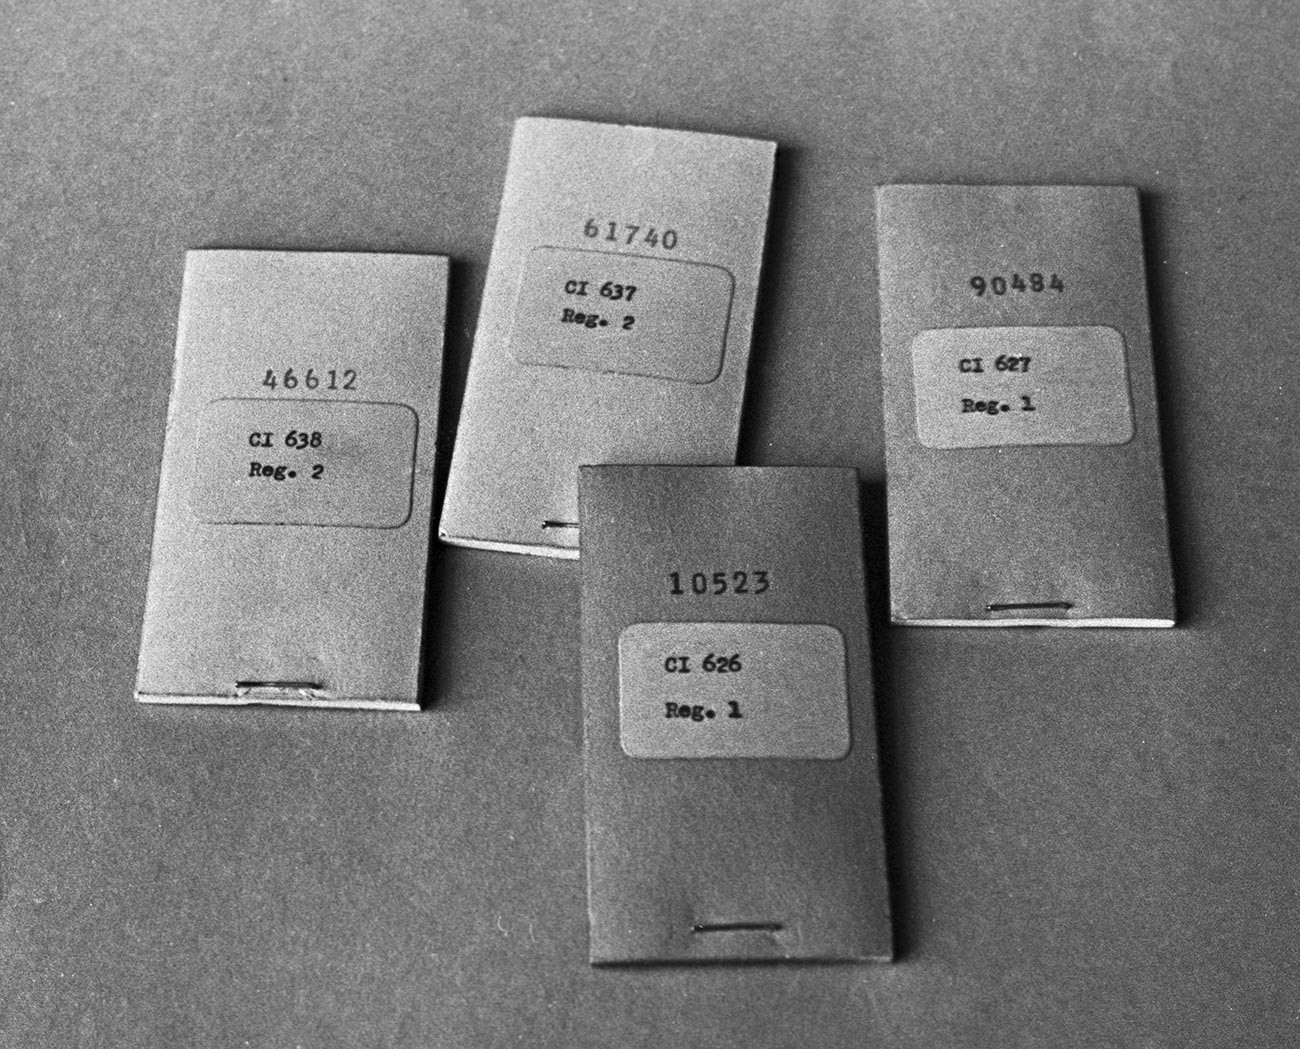 Quaderni di crittografia appartenuti al colonnello dell'intelligence militare sovietica Oleg Penkovskij, che lavorava per la Gran Bretagna e gli Stati Uniti